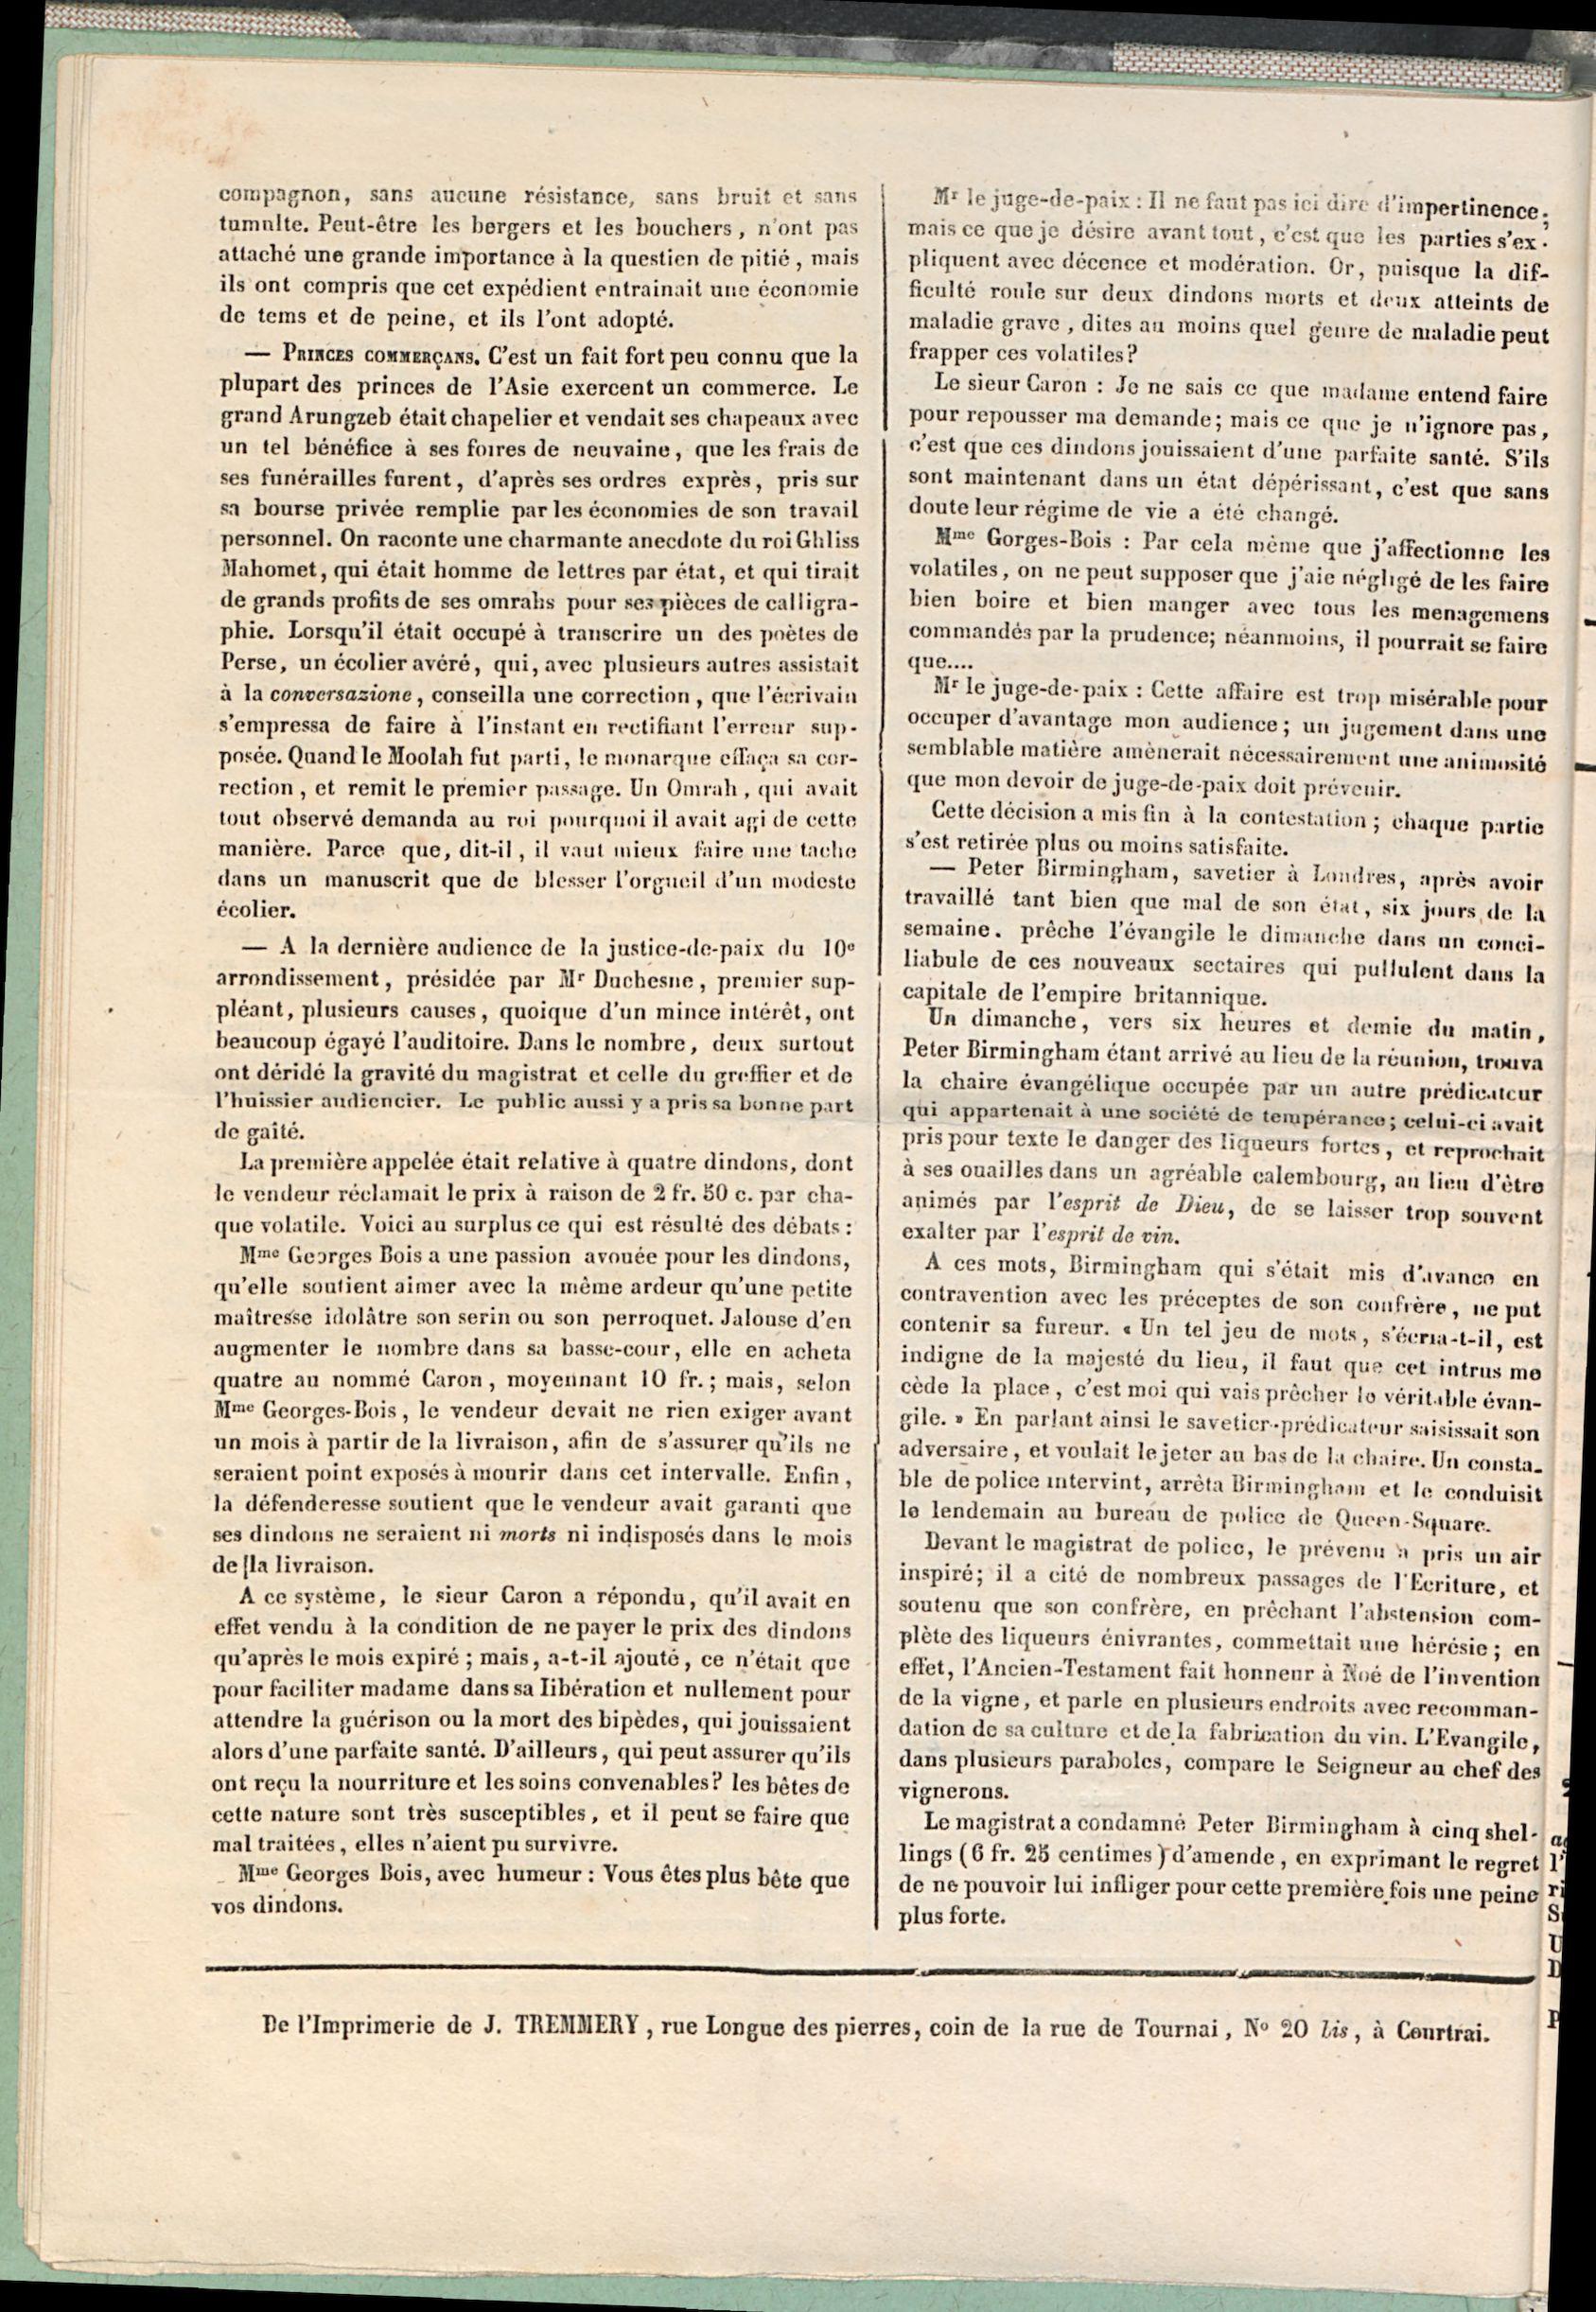 Petites Affiches De Courtrai 1835-09-06 p4